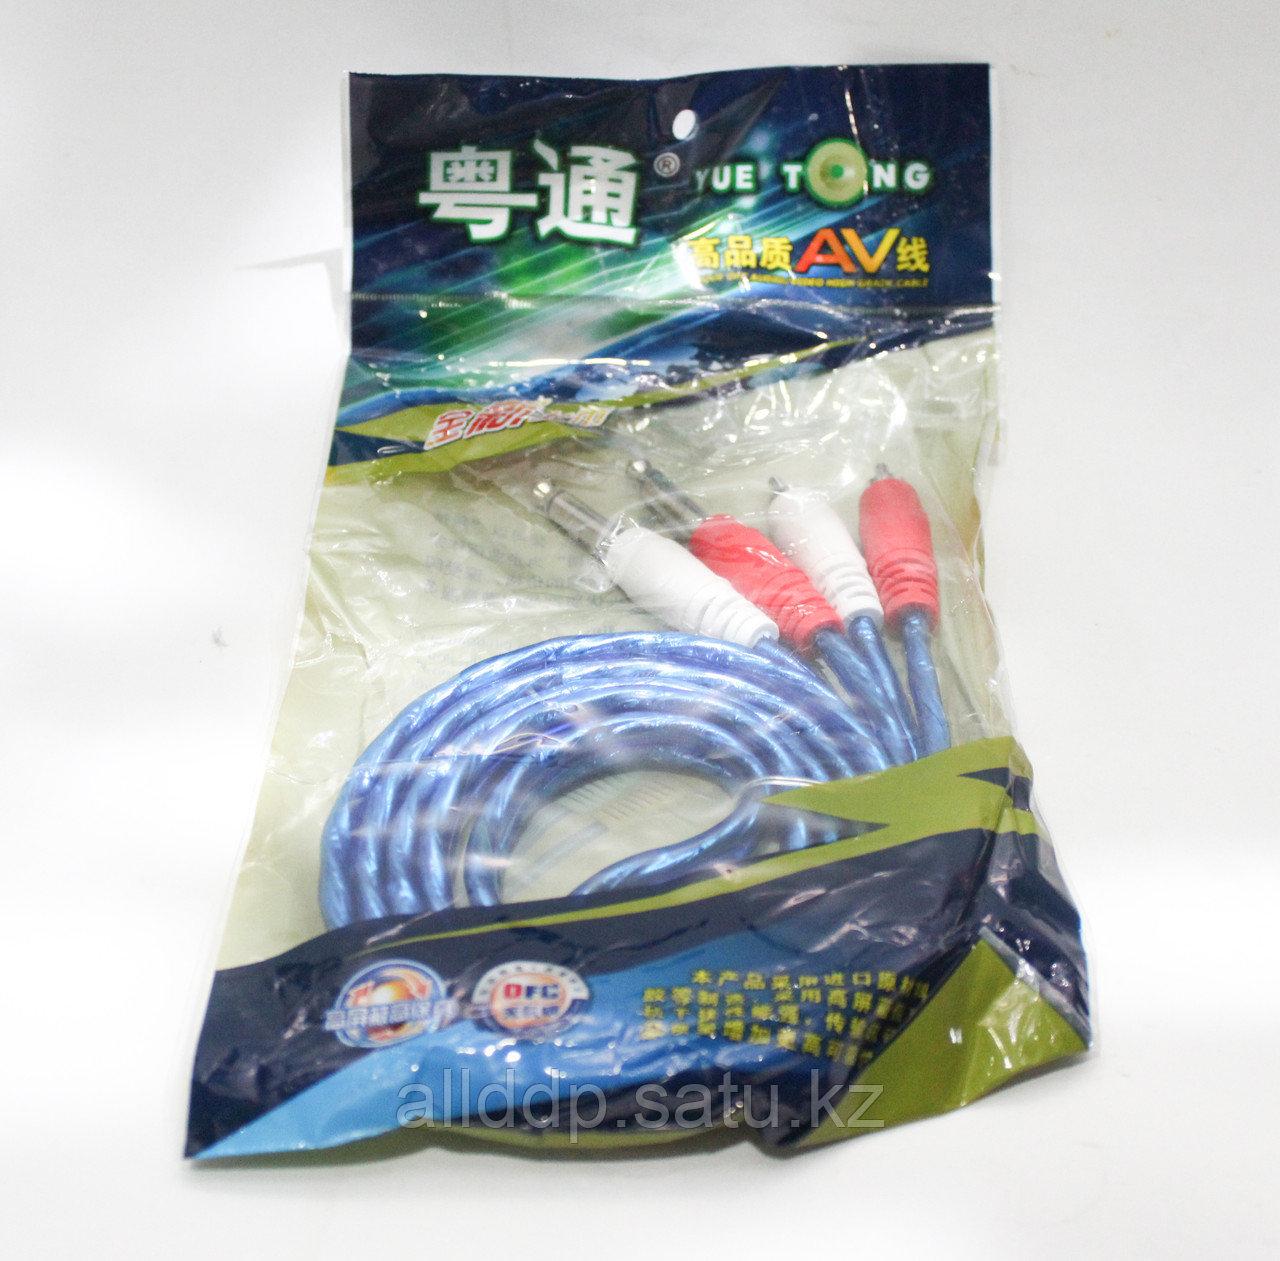 Шнур 2 штекера джек 6,3мм моно - 2 штекера RCA 1,5м , пластик